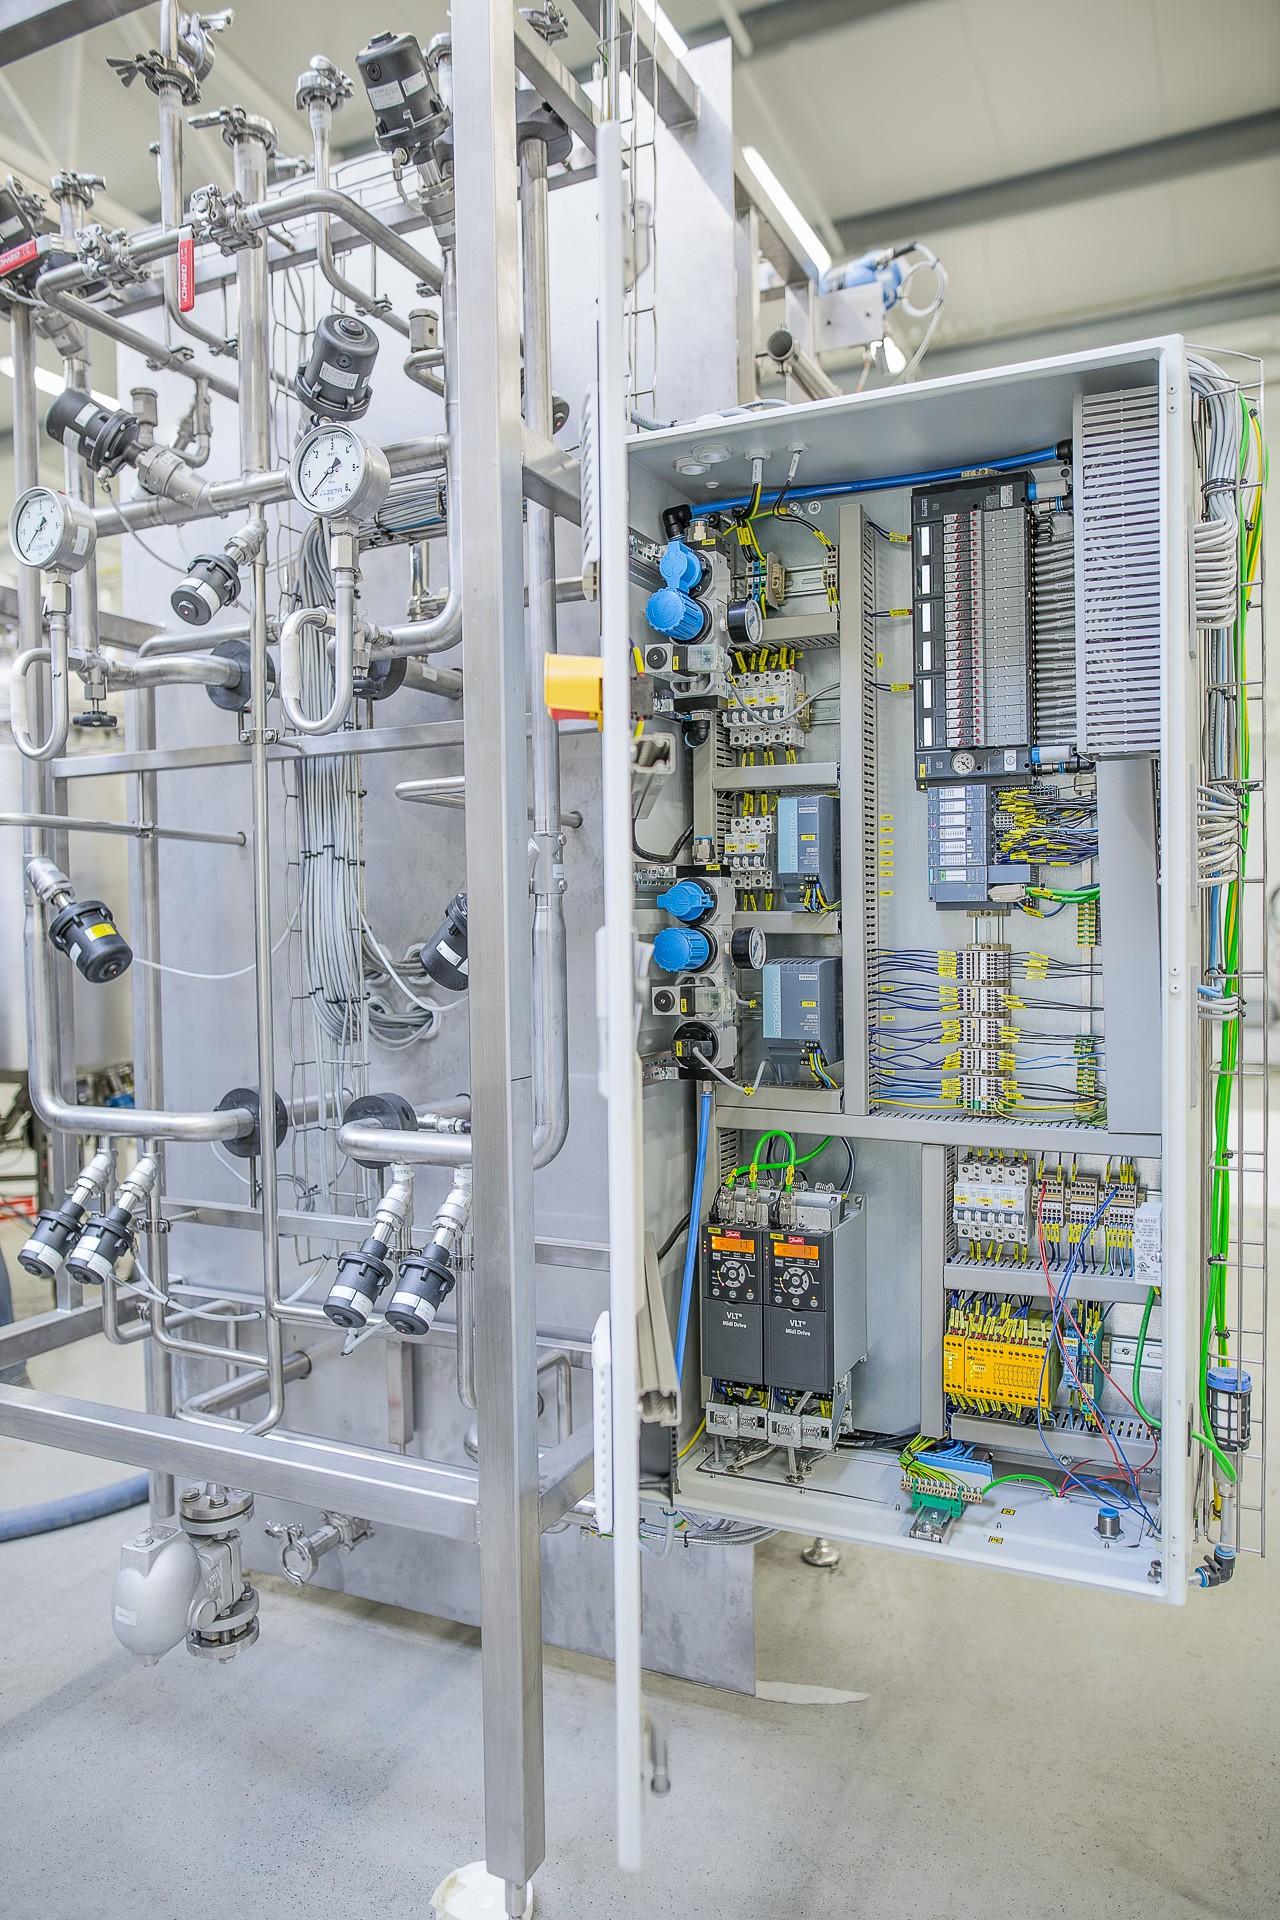 Fermentationsanlage zur Insulinproduktion: Insgesamt 20 Ventilinseln übernehmen die elektropneumatische Integration. Bild: ZETA